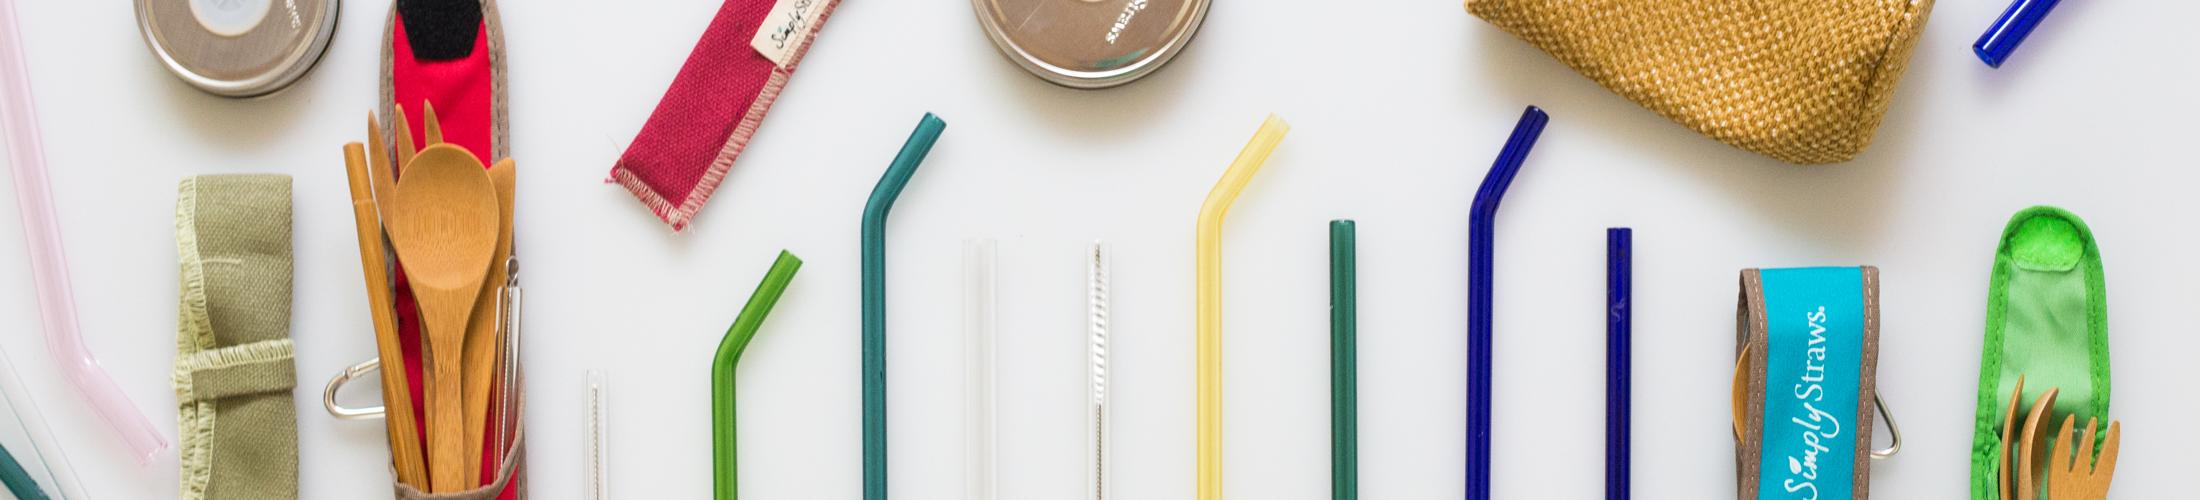 Simply Straws